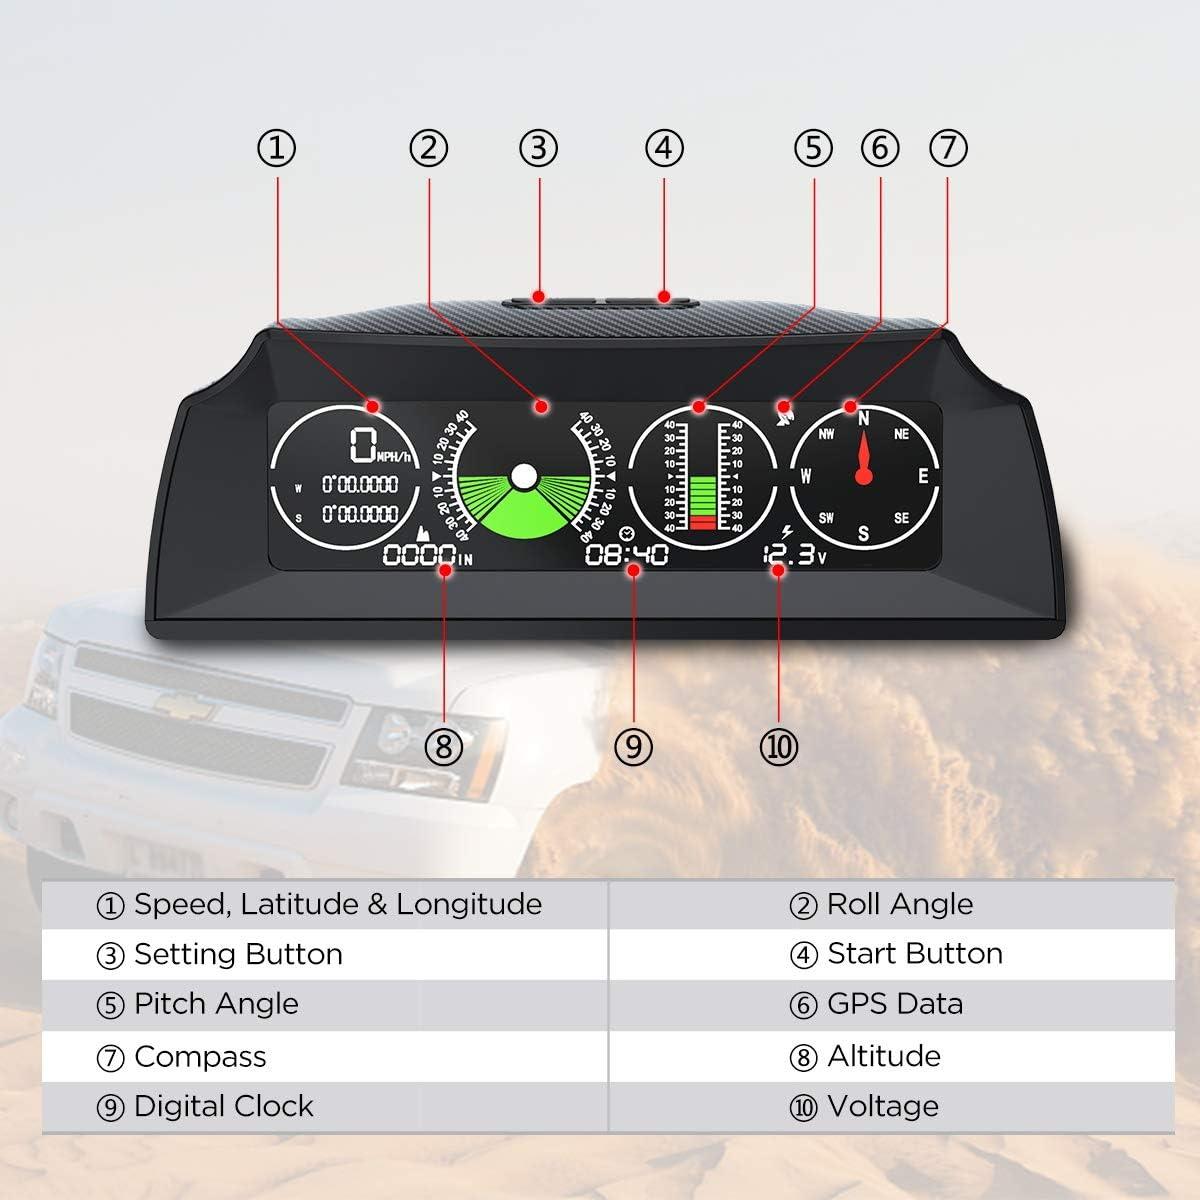 Autool X90 Gps Neigungsmesser Digital Auto Kfz Pkw Gps Tachometer Hud Mph Mit Kompass Auto Winkelsteigung Meter Für Suv Van Geländewagen Auto